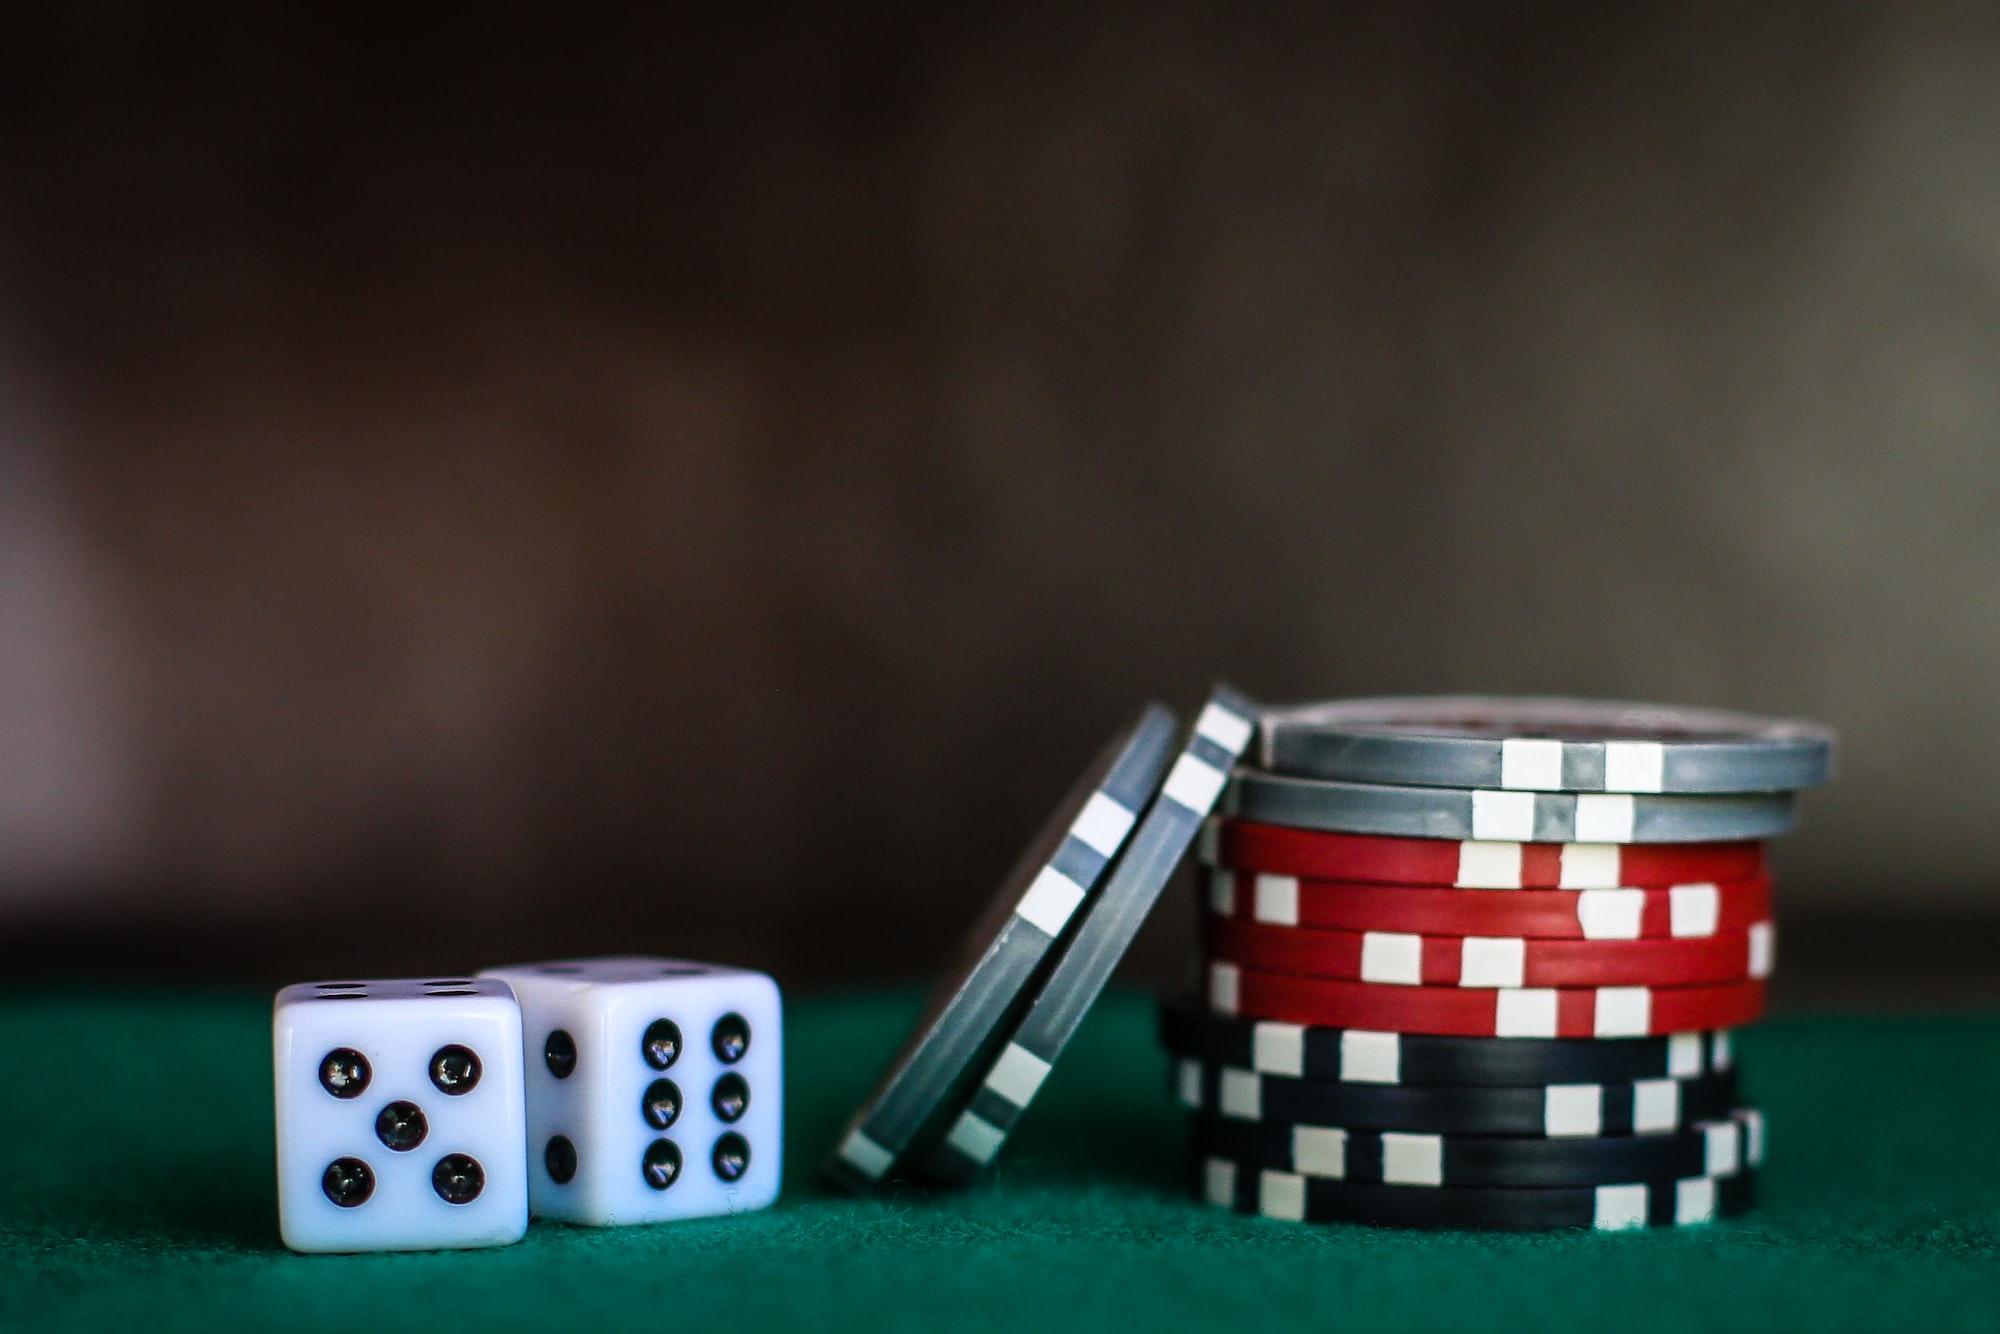 Estrazioni Lotto, Superenalotto e 10eLotto 08/06/21: i numeri vincenti